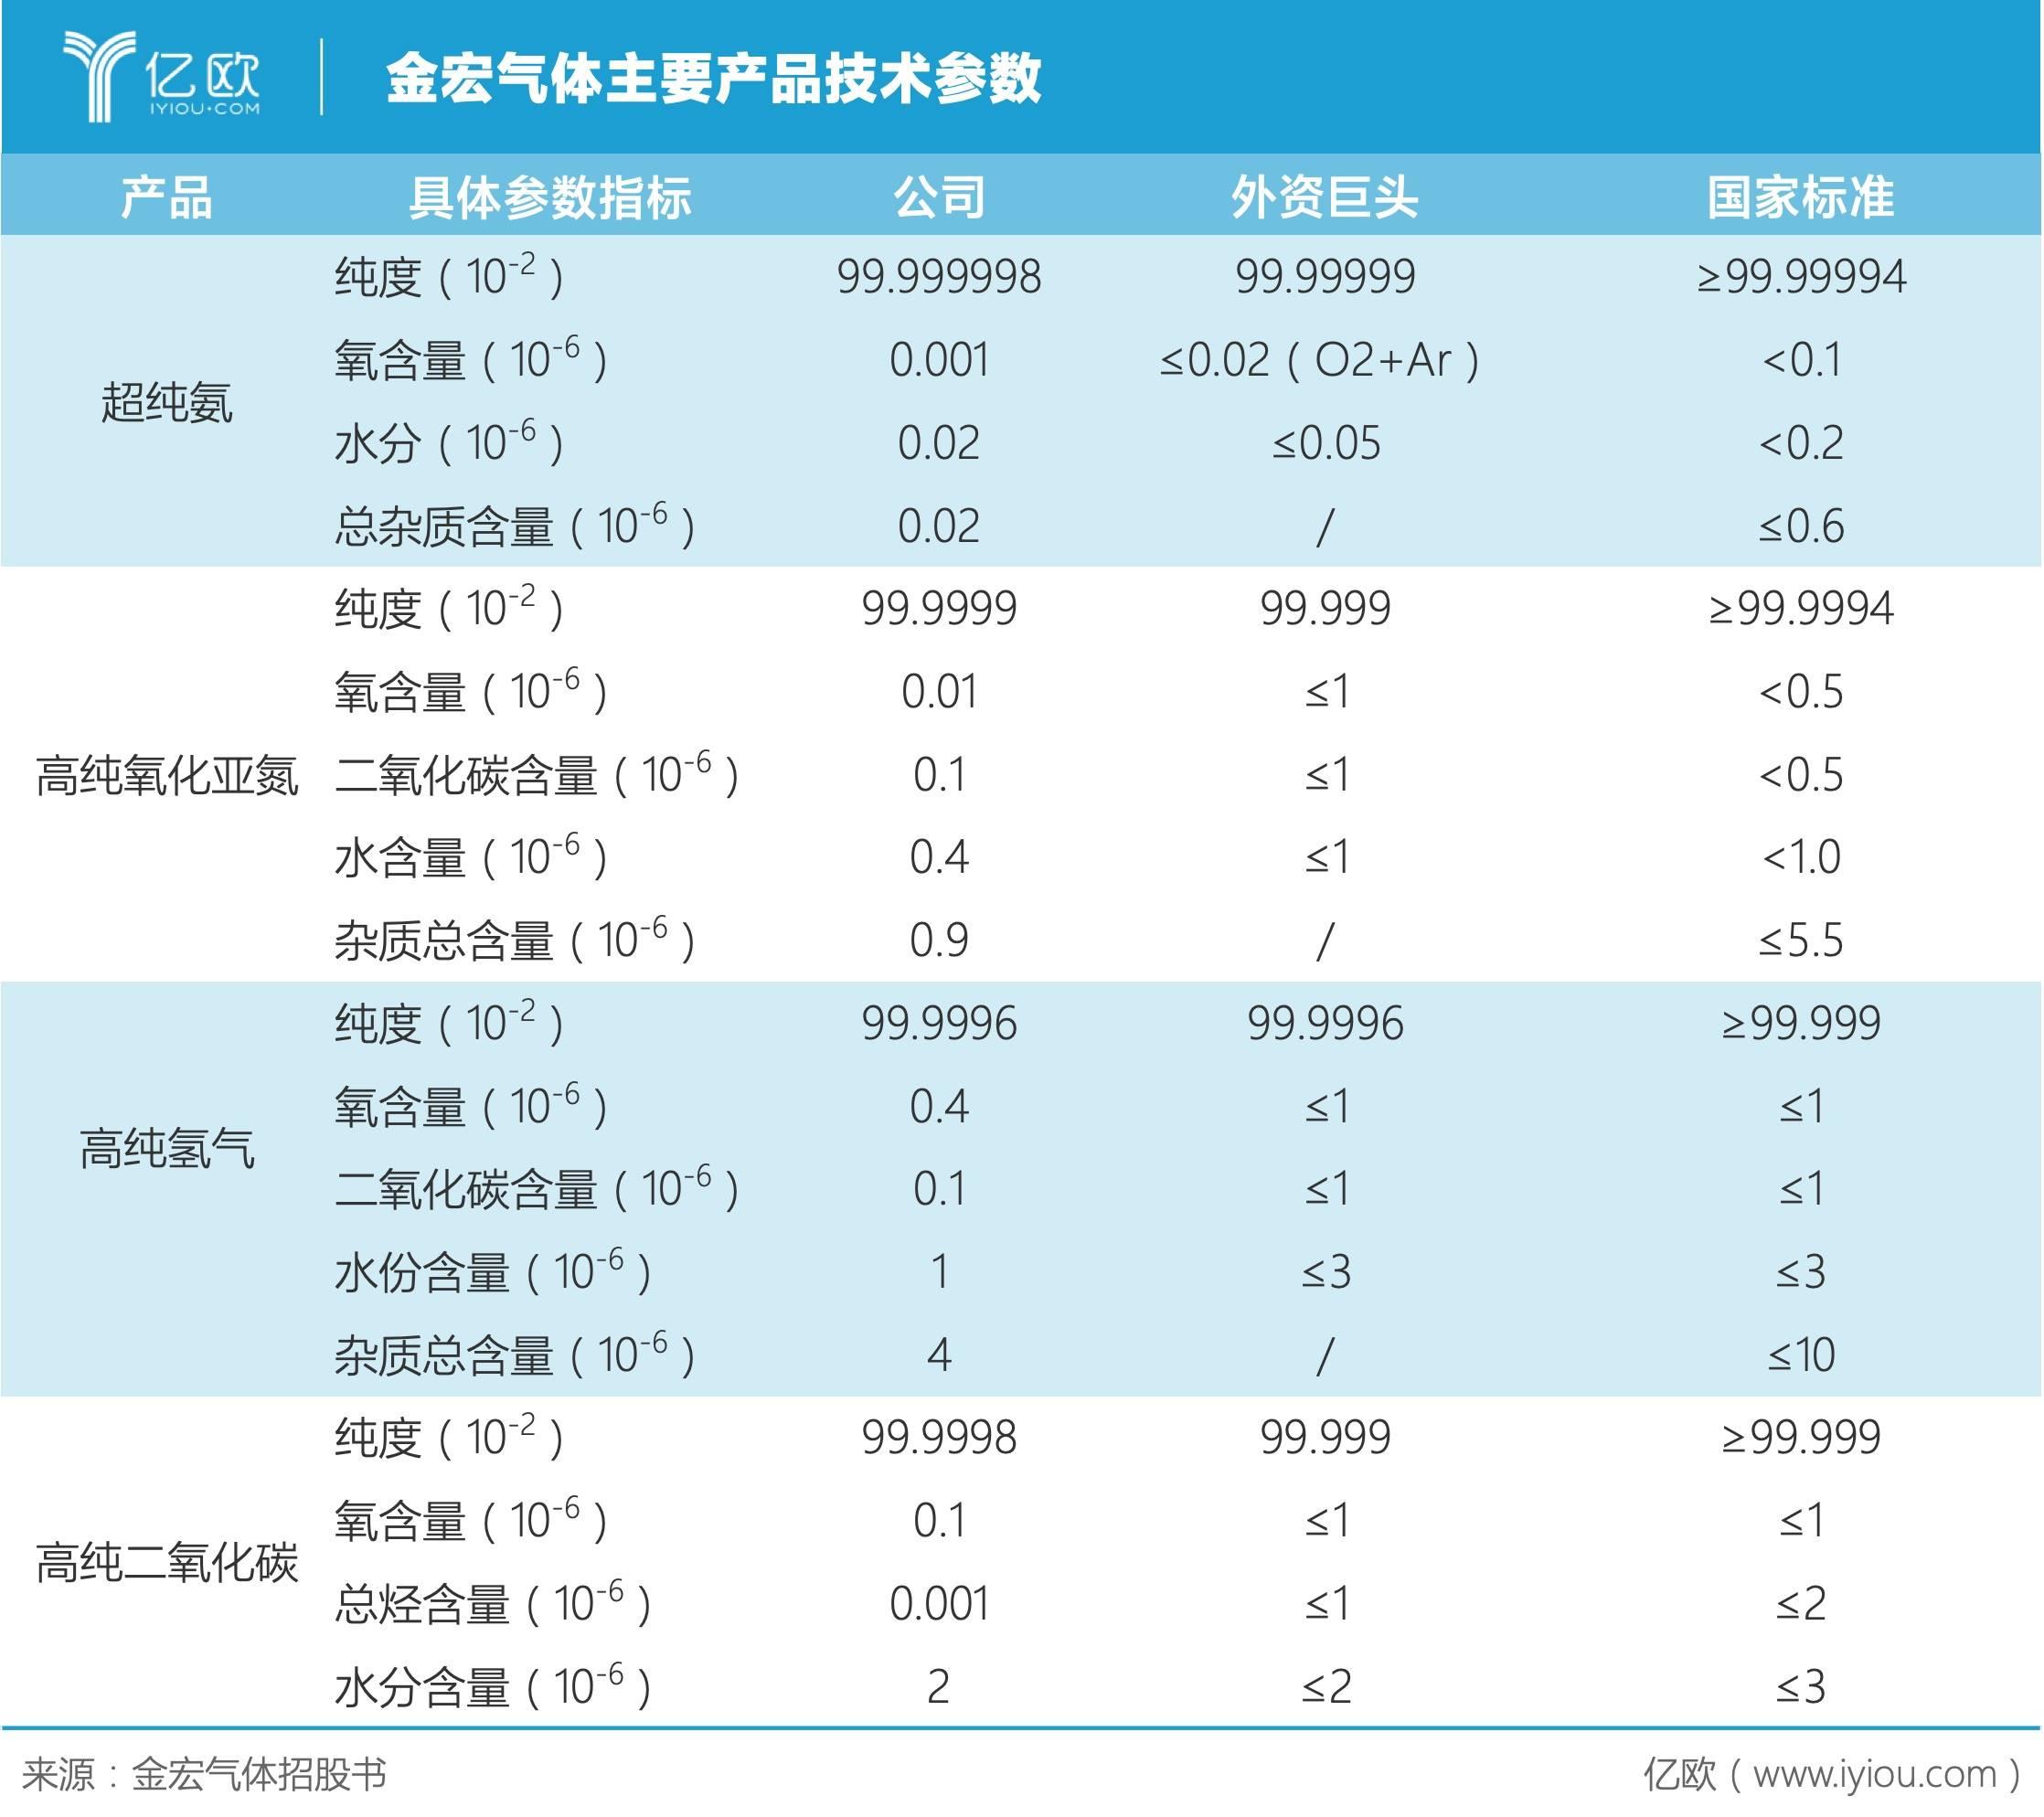 金宏气体主要产品技术参数